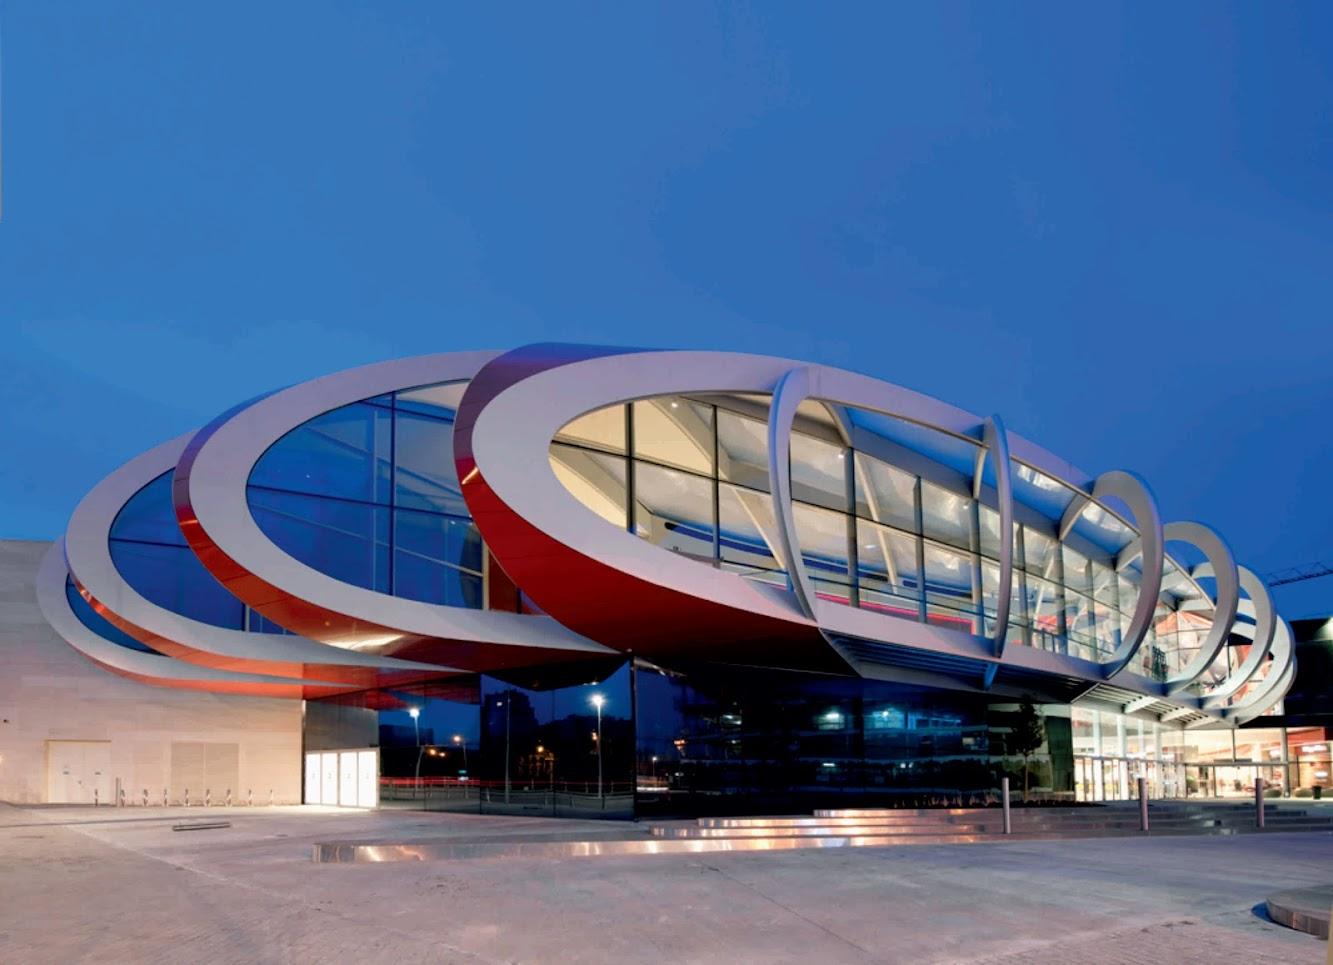 Aeroporto Internazionale di Carrasco (MVD), 101 km 19950, Ciudad de la Costa 14000, Uruguay: Mediacite by Ron Arad Architects